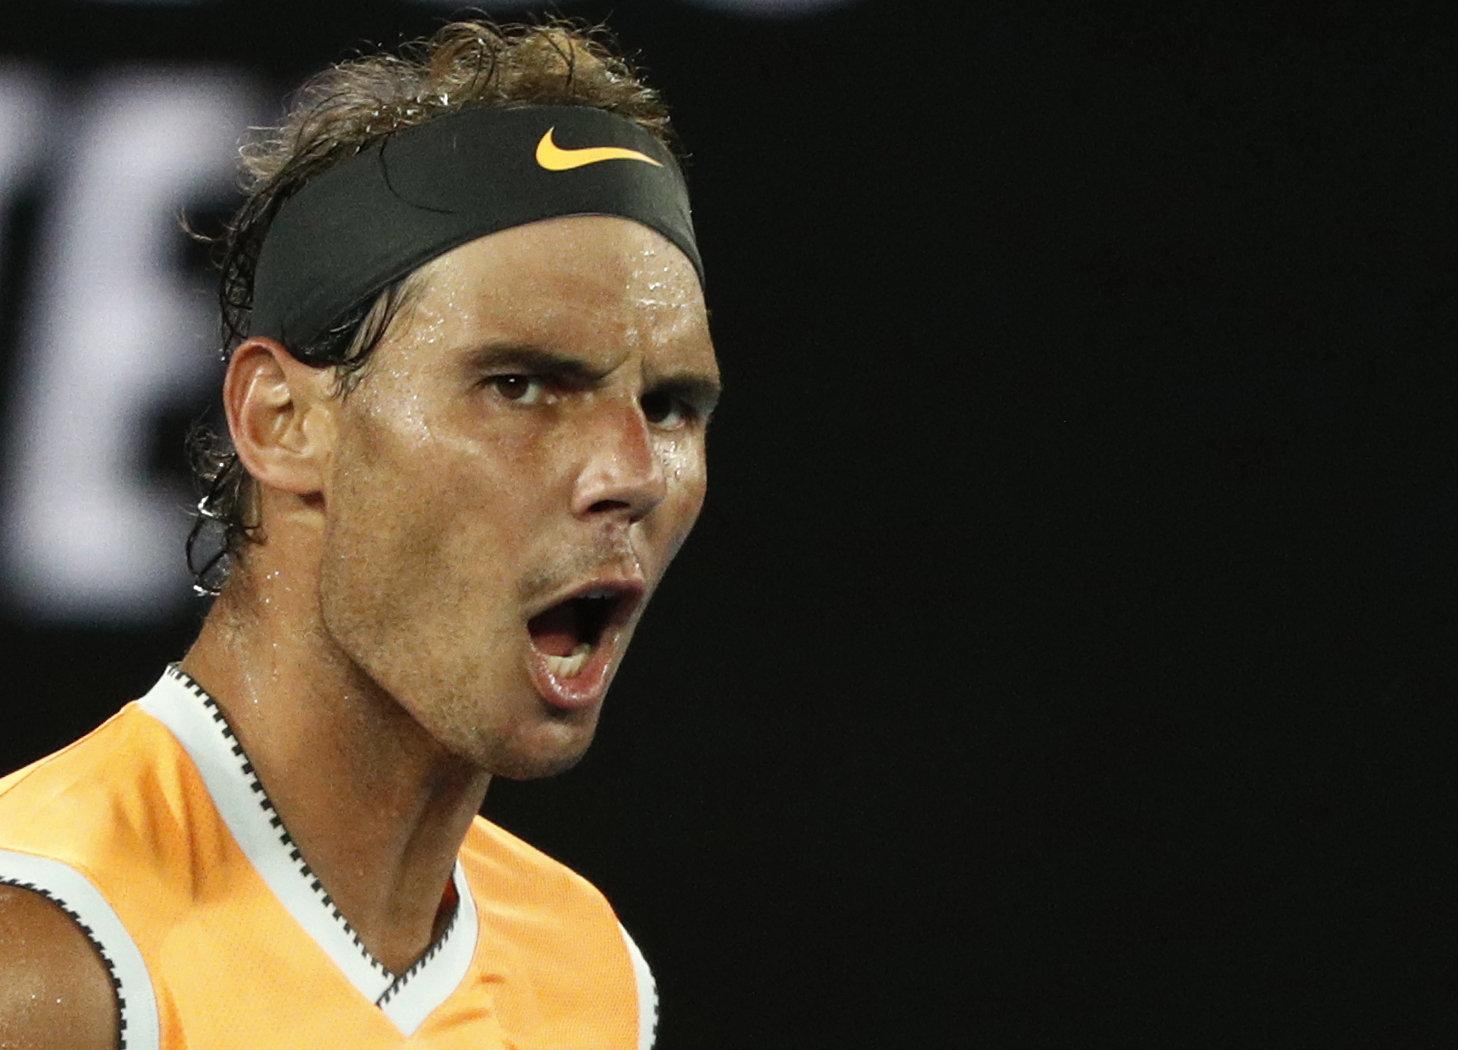 Ο Ραφαέλ Ναδάλ ανοίγει ακαδημία τένις στην